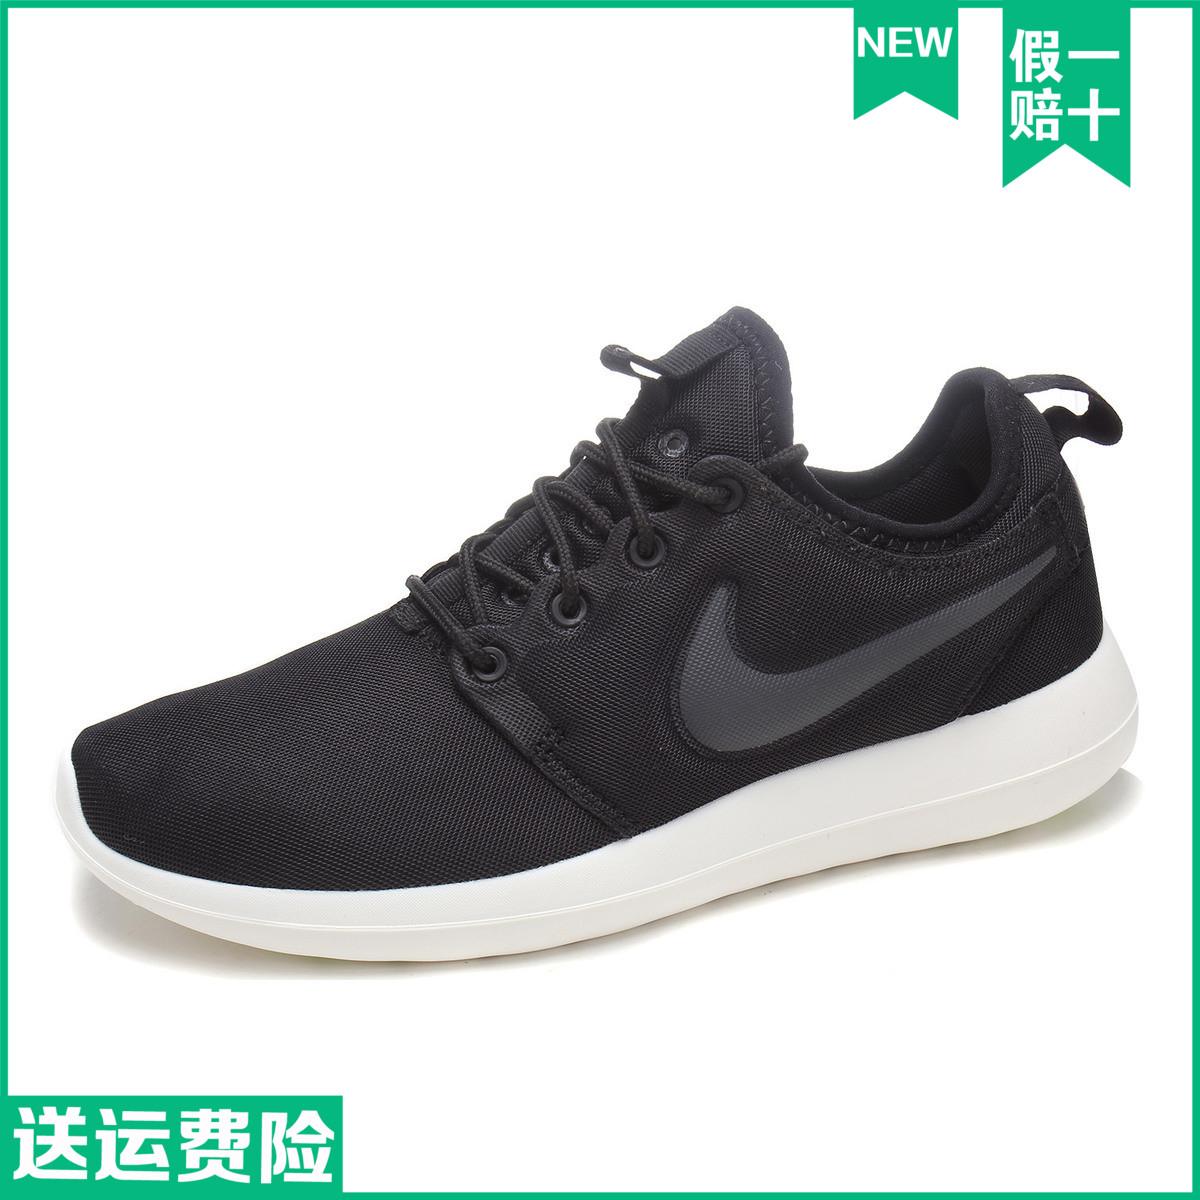 耐克运动鞋新款 耐克Nike新款女鞋休闲鞋ROSHERUN跑步鞋越南运动鞋844931-002-001_推荐淘宝好看的女耐克运动鞋新款